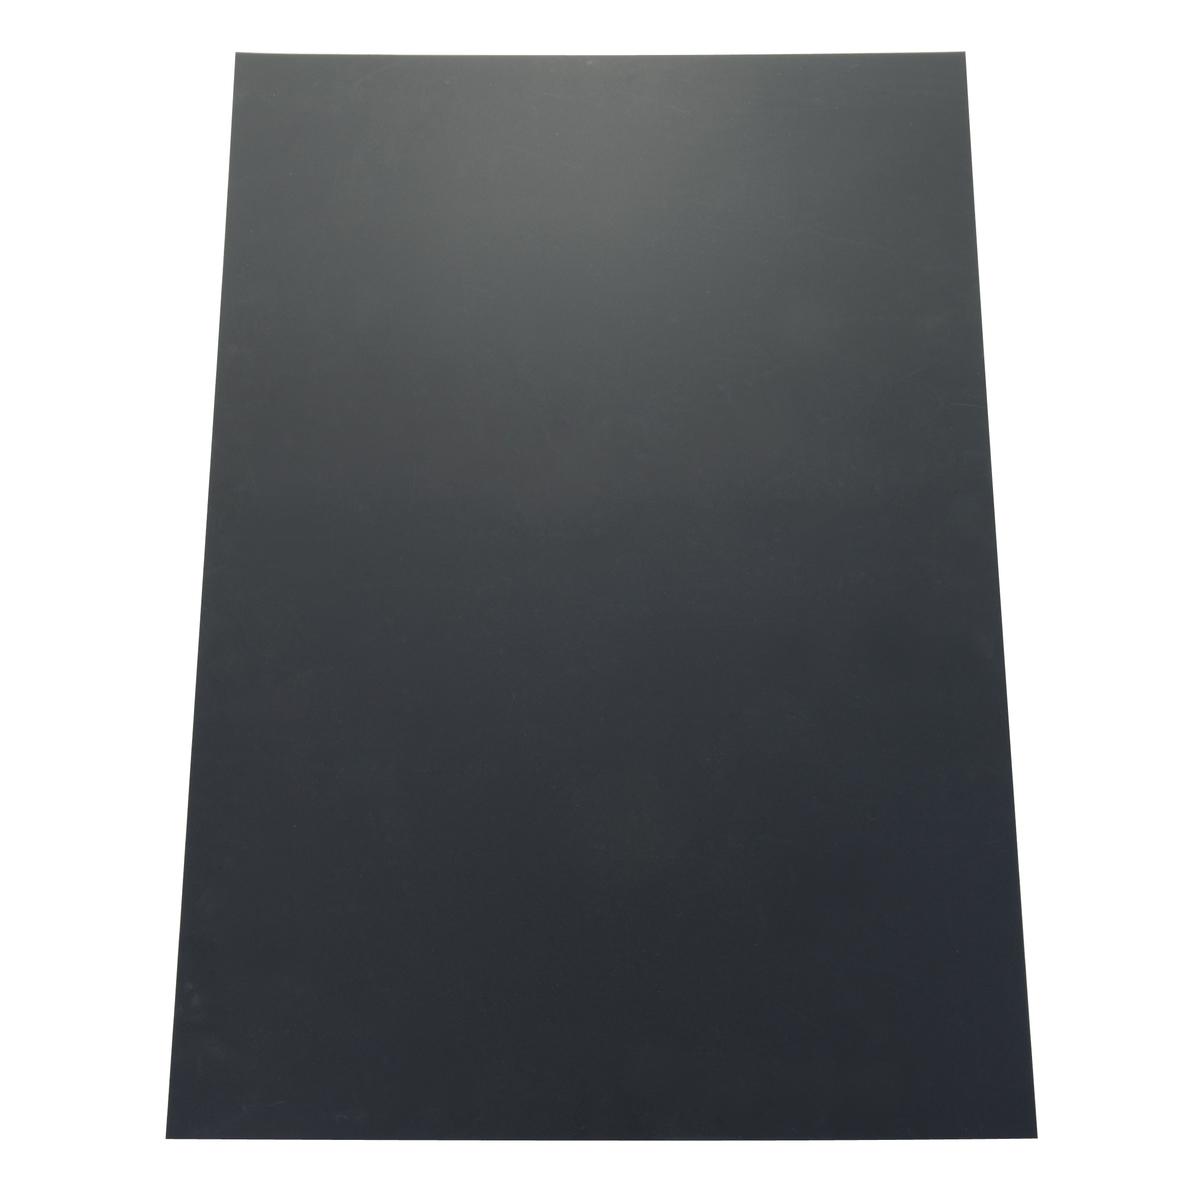 タレゴム EVA 900×600×5 黒 1枚